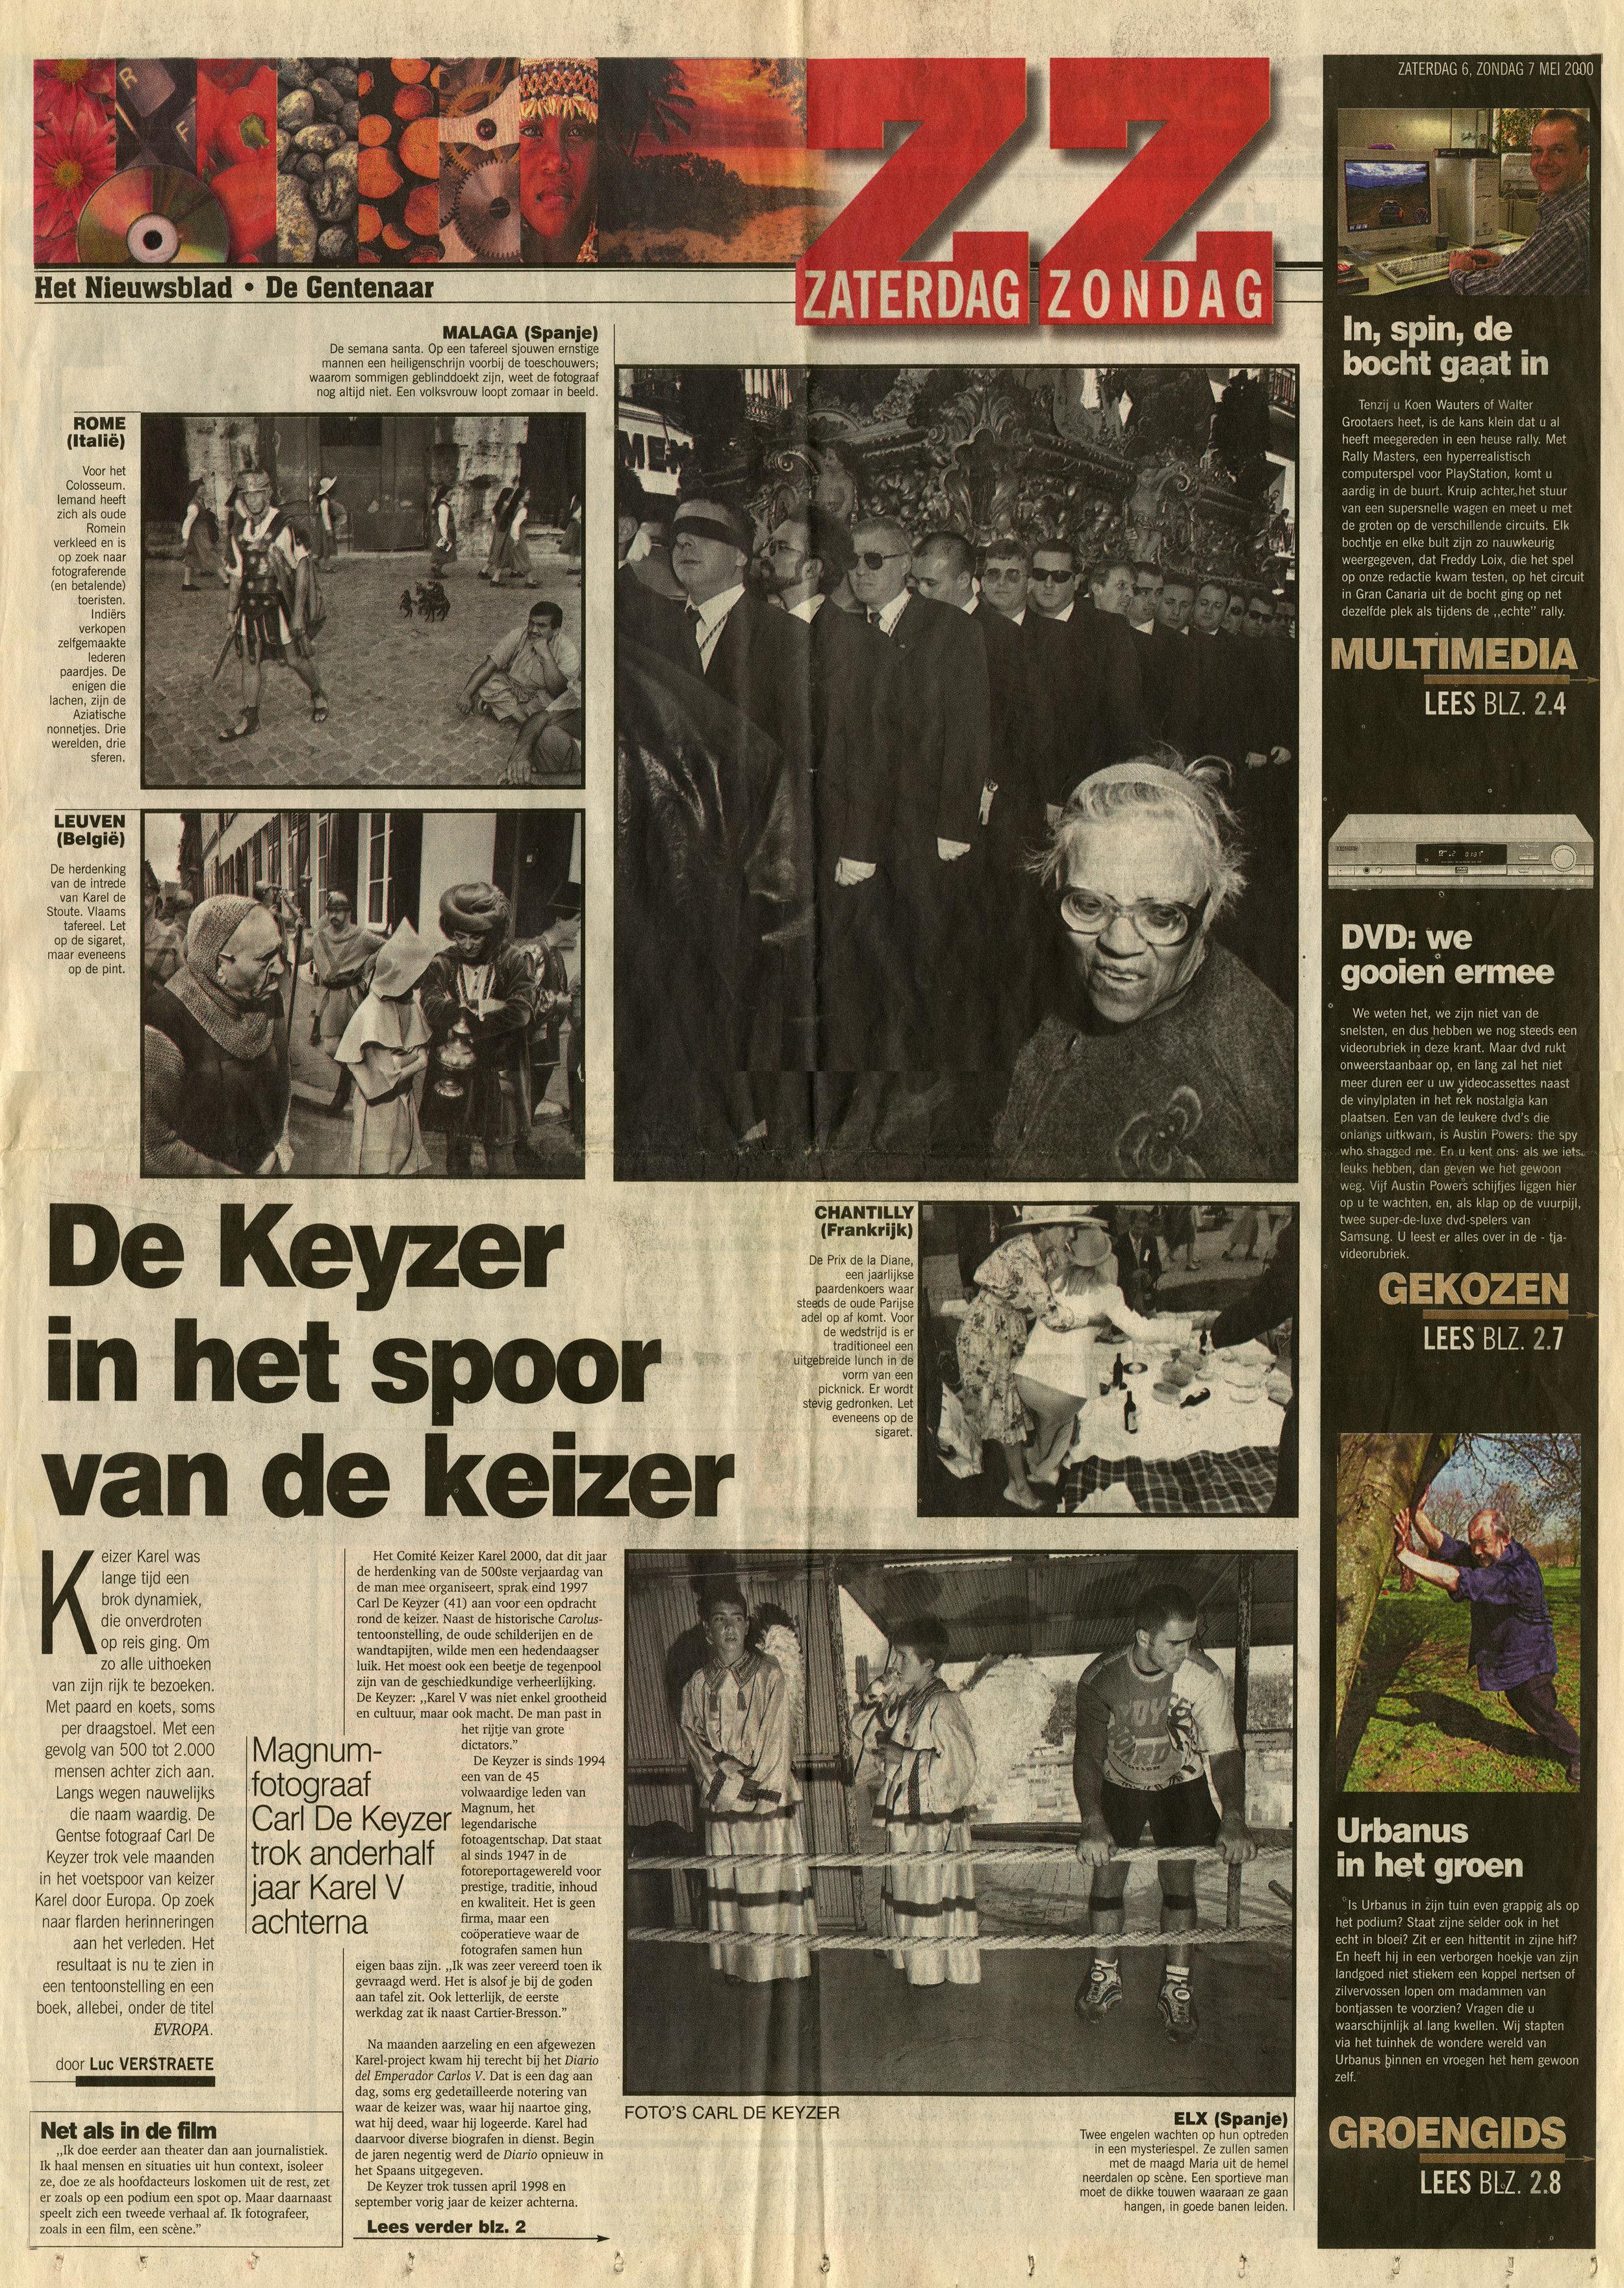 Het Nieuwsblad (EVROPA)